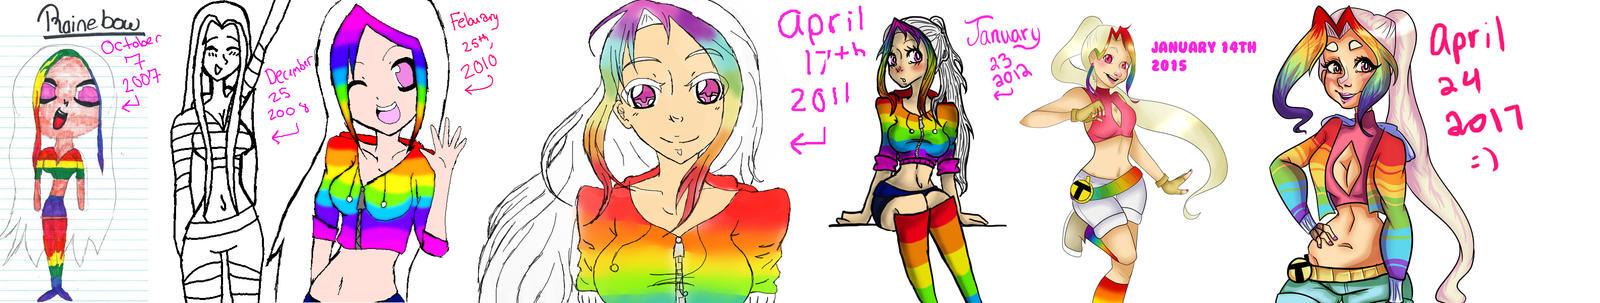 Draw This Again Meme by xXimmaeatjooXx